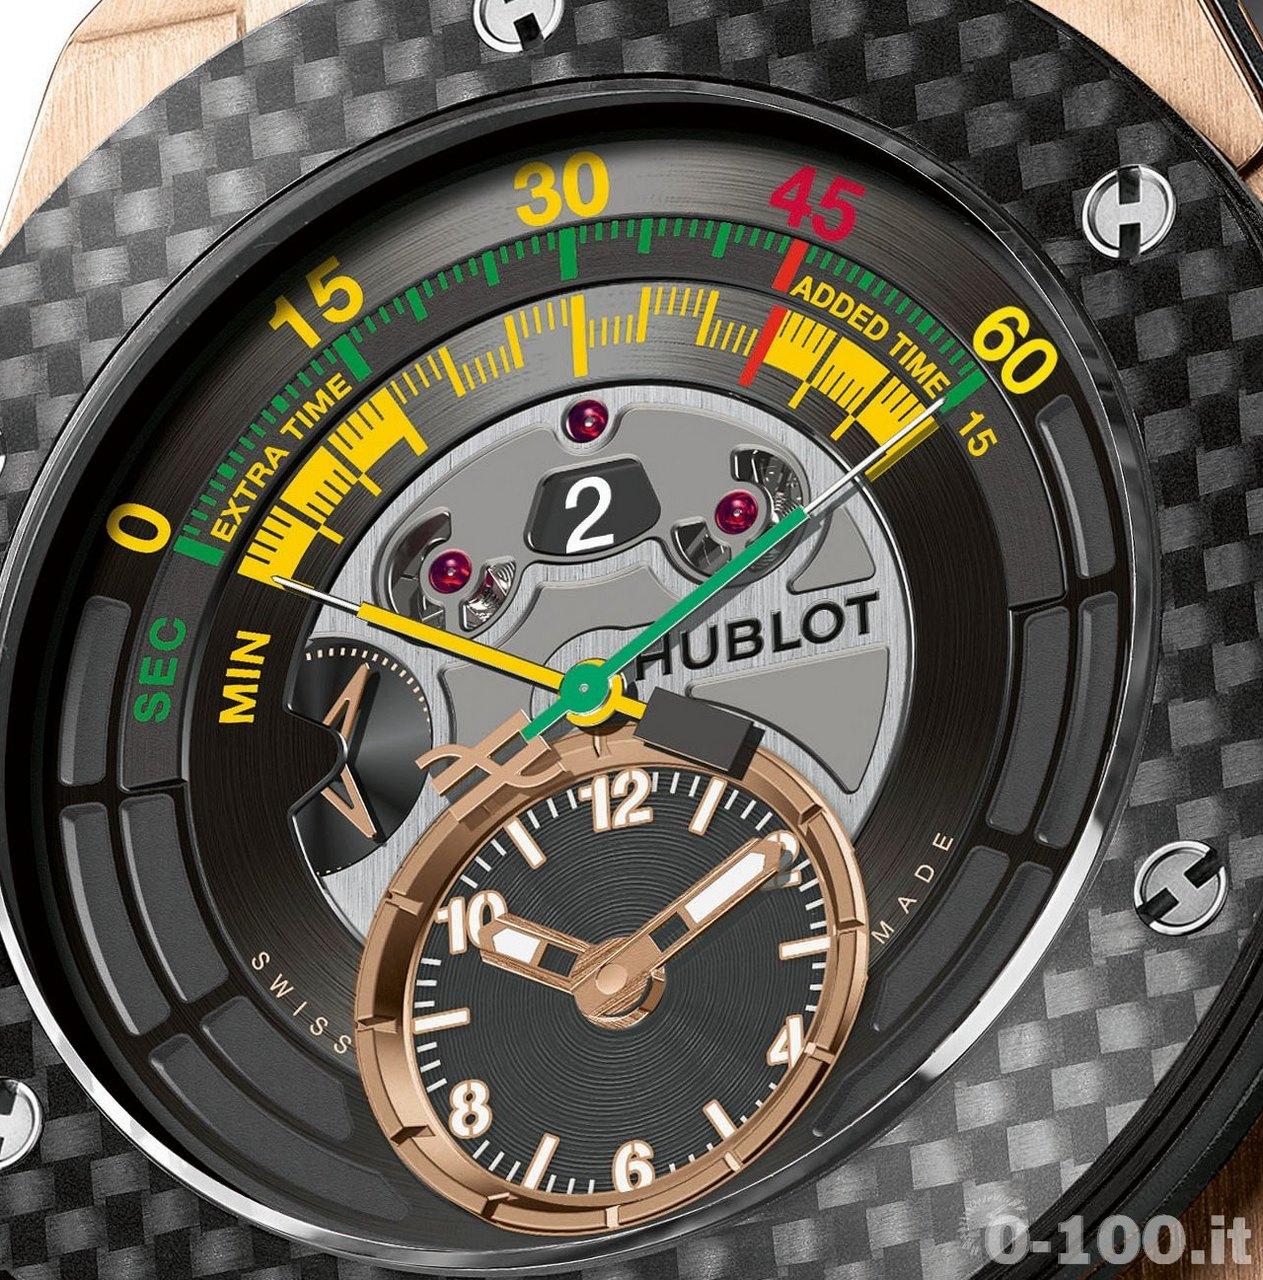 hublot-big-bang-unico-chrono-bi-retrograde-orologio-ufficiale-della-fifa-world-cup-brazil-2014_0-1007